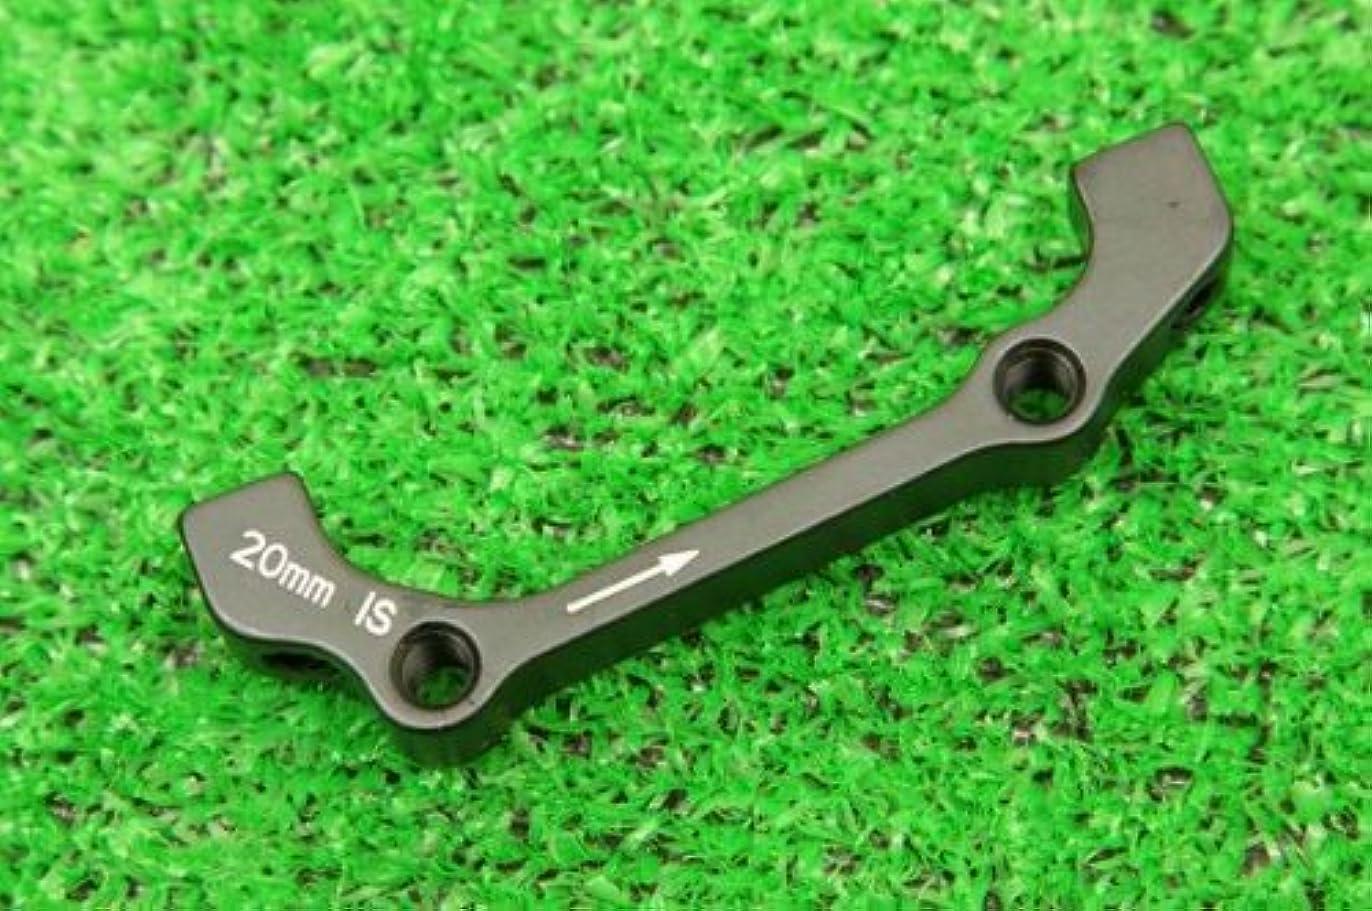 高度なスカウト不道徳エイヴィッド(AVID)純正 軽量18g フロント180mm リアR160mm(+20mm) ローター対応 ディスクブレーキ IS マウントアダプタ 自転車パーツ